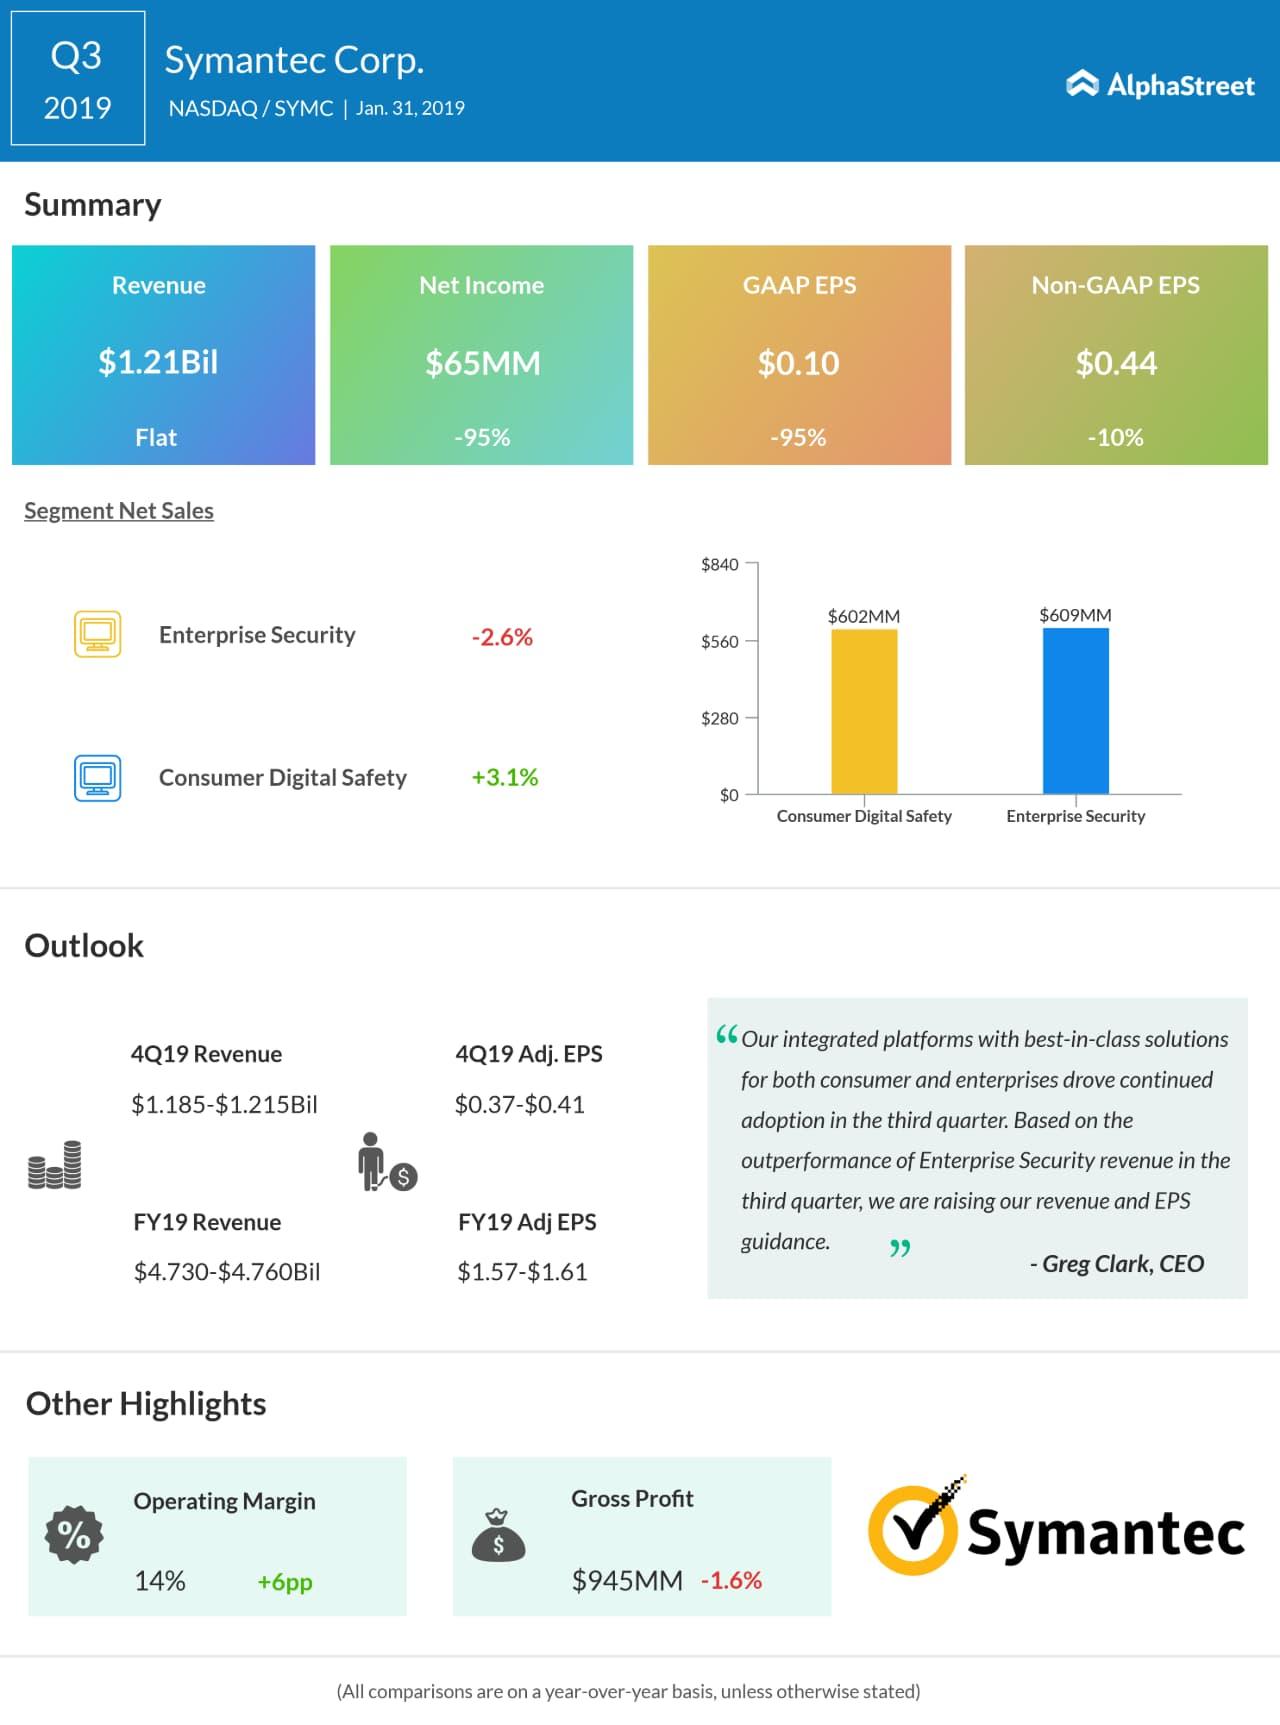 Symantec Q3 results beat estimates